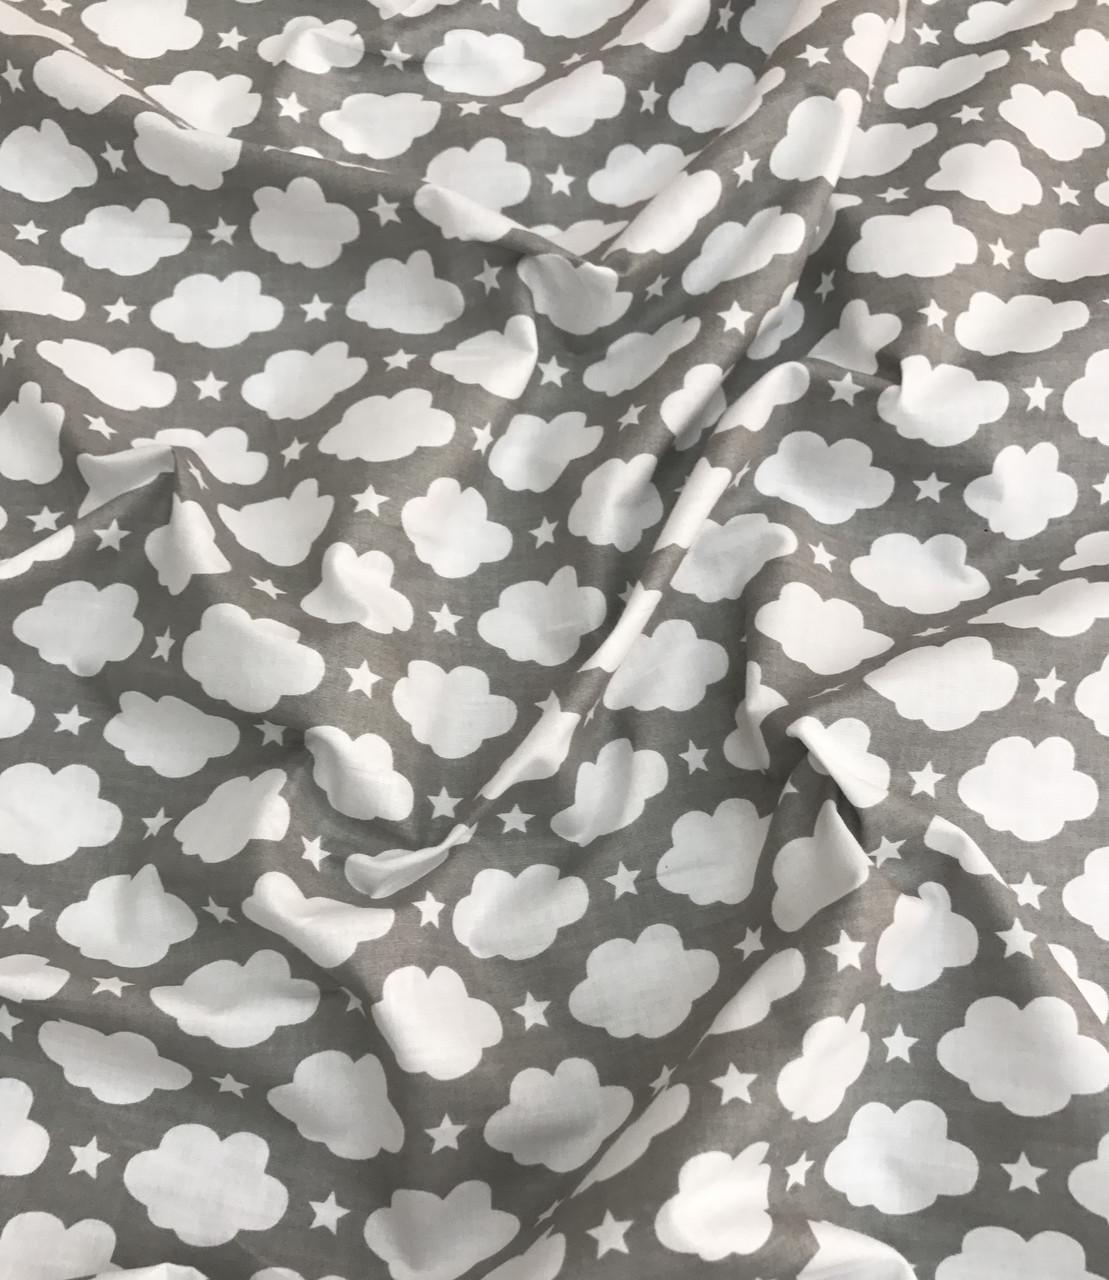 Хлопковая ткань польская шлифованная белые облака с звездочками на сером №486